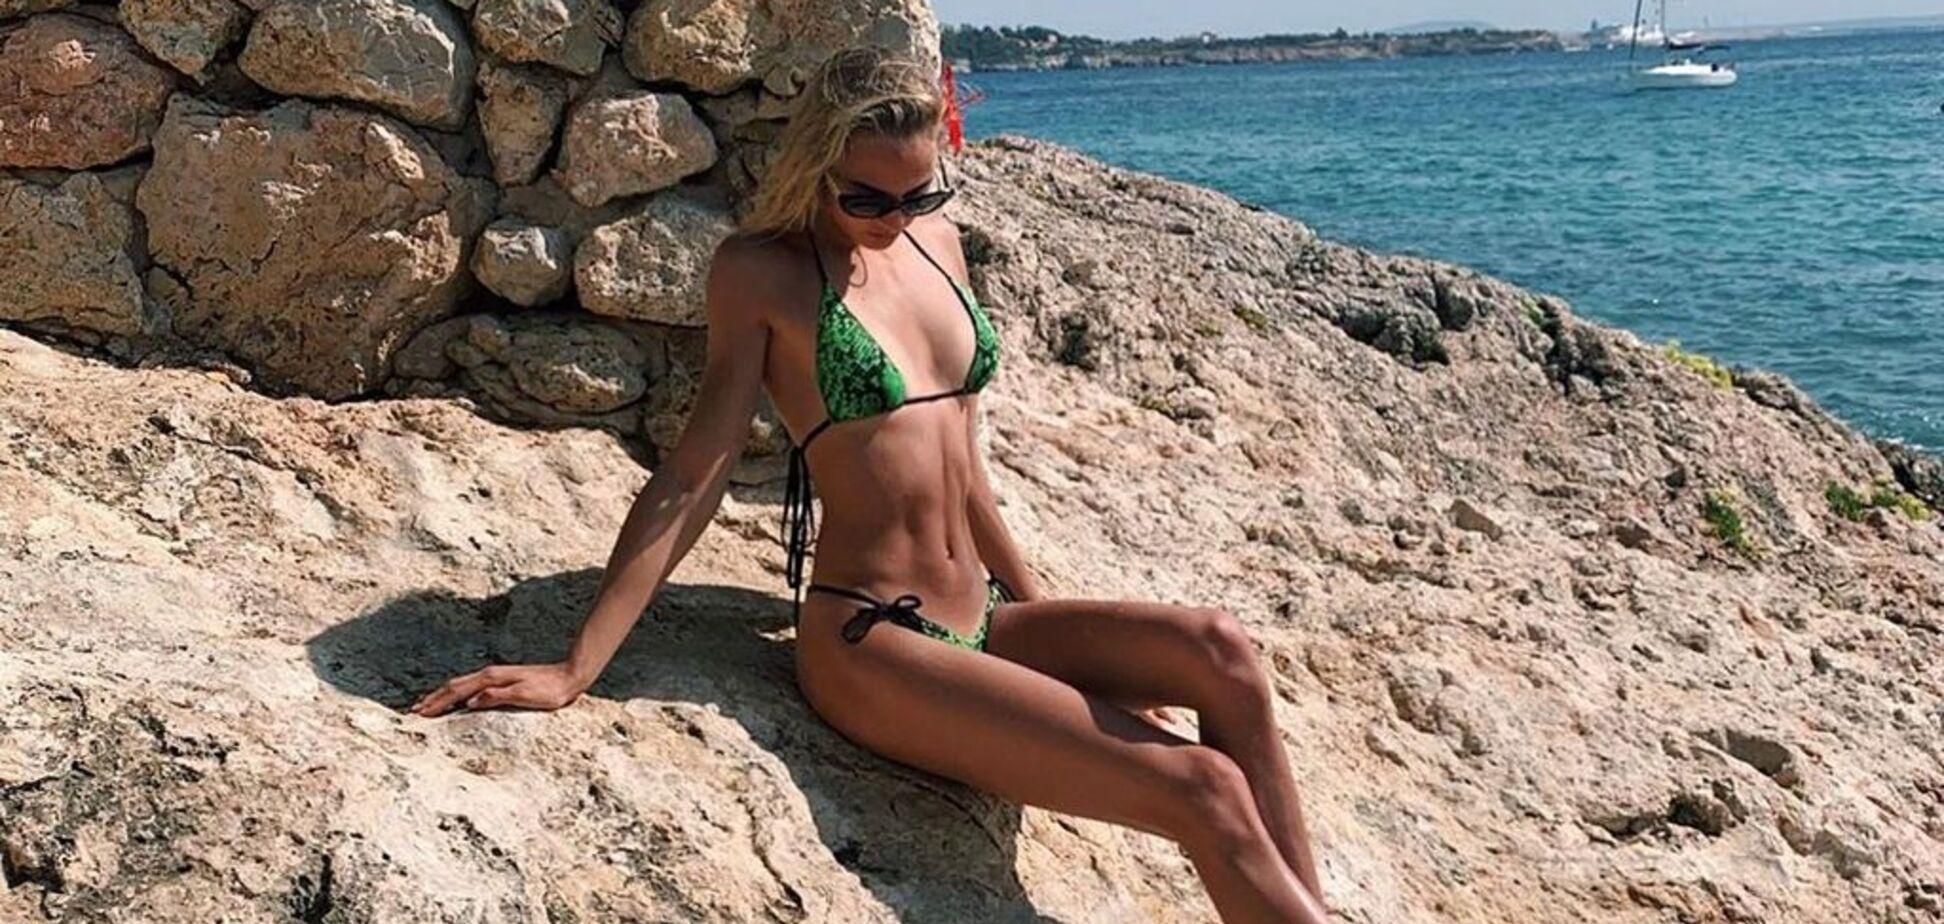 'Анаконда': українська чемпіонка Білодід вразила сексуальним фото